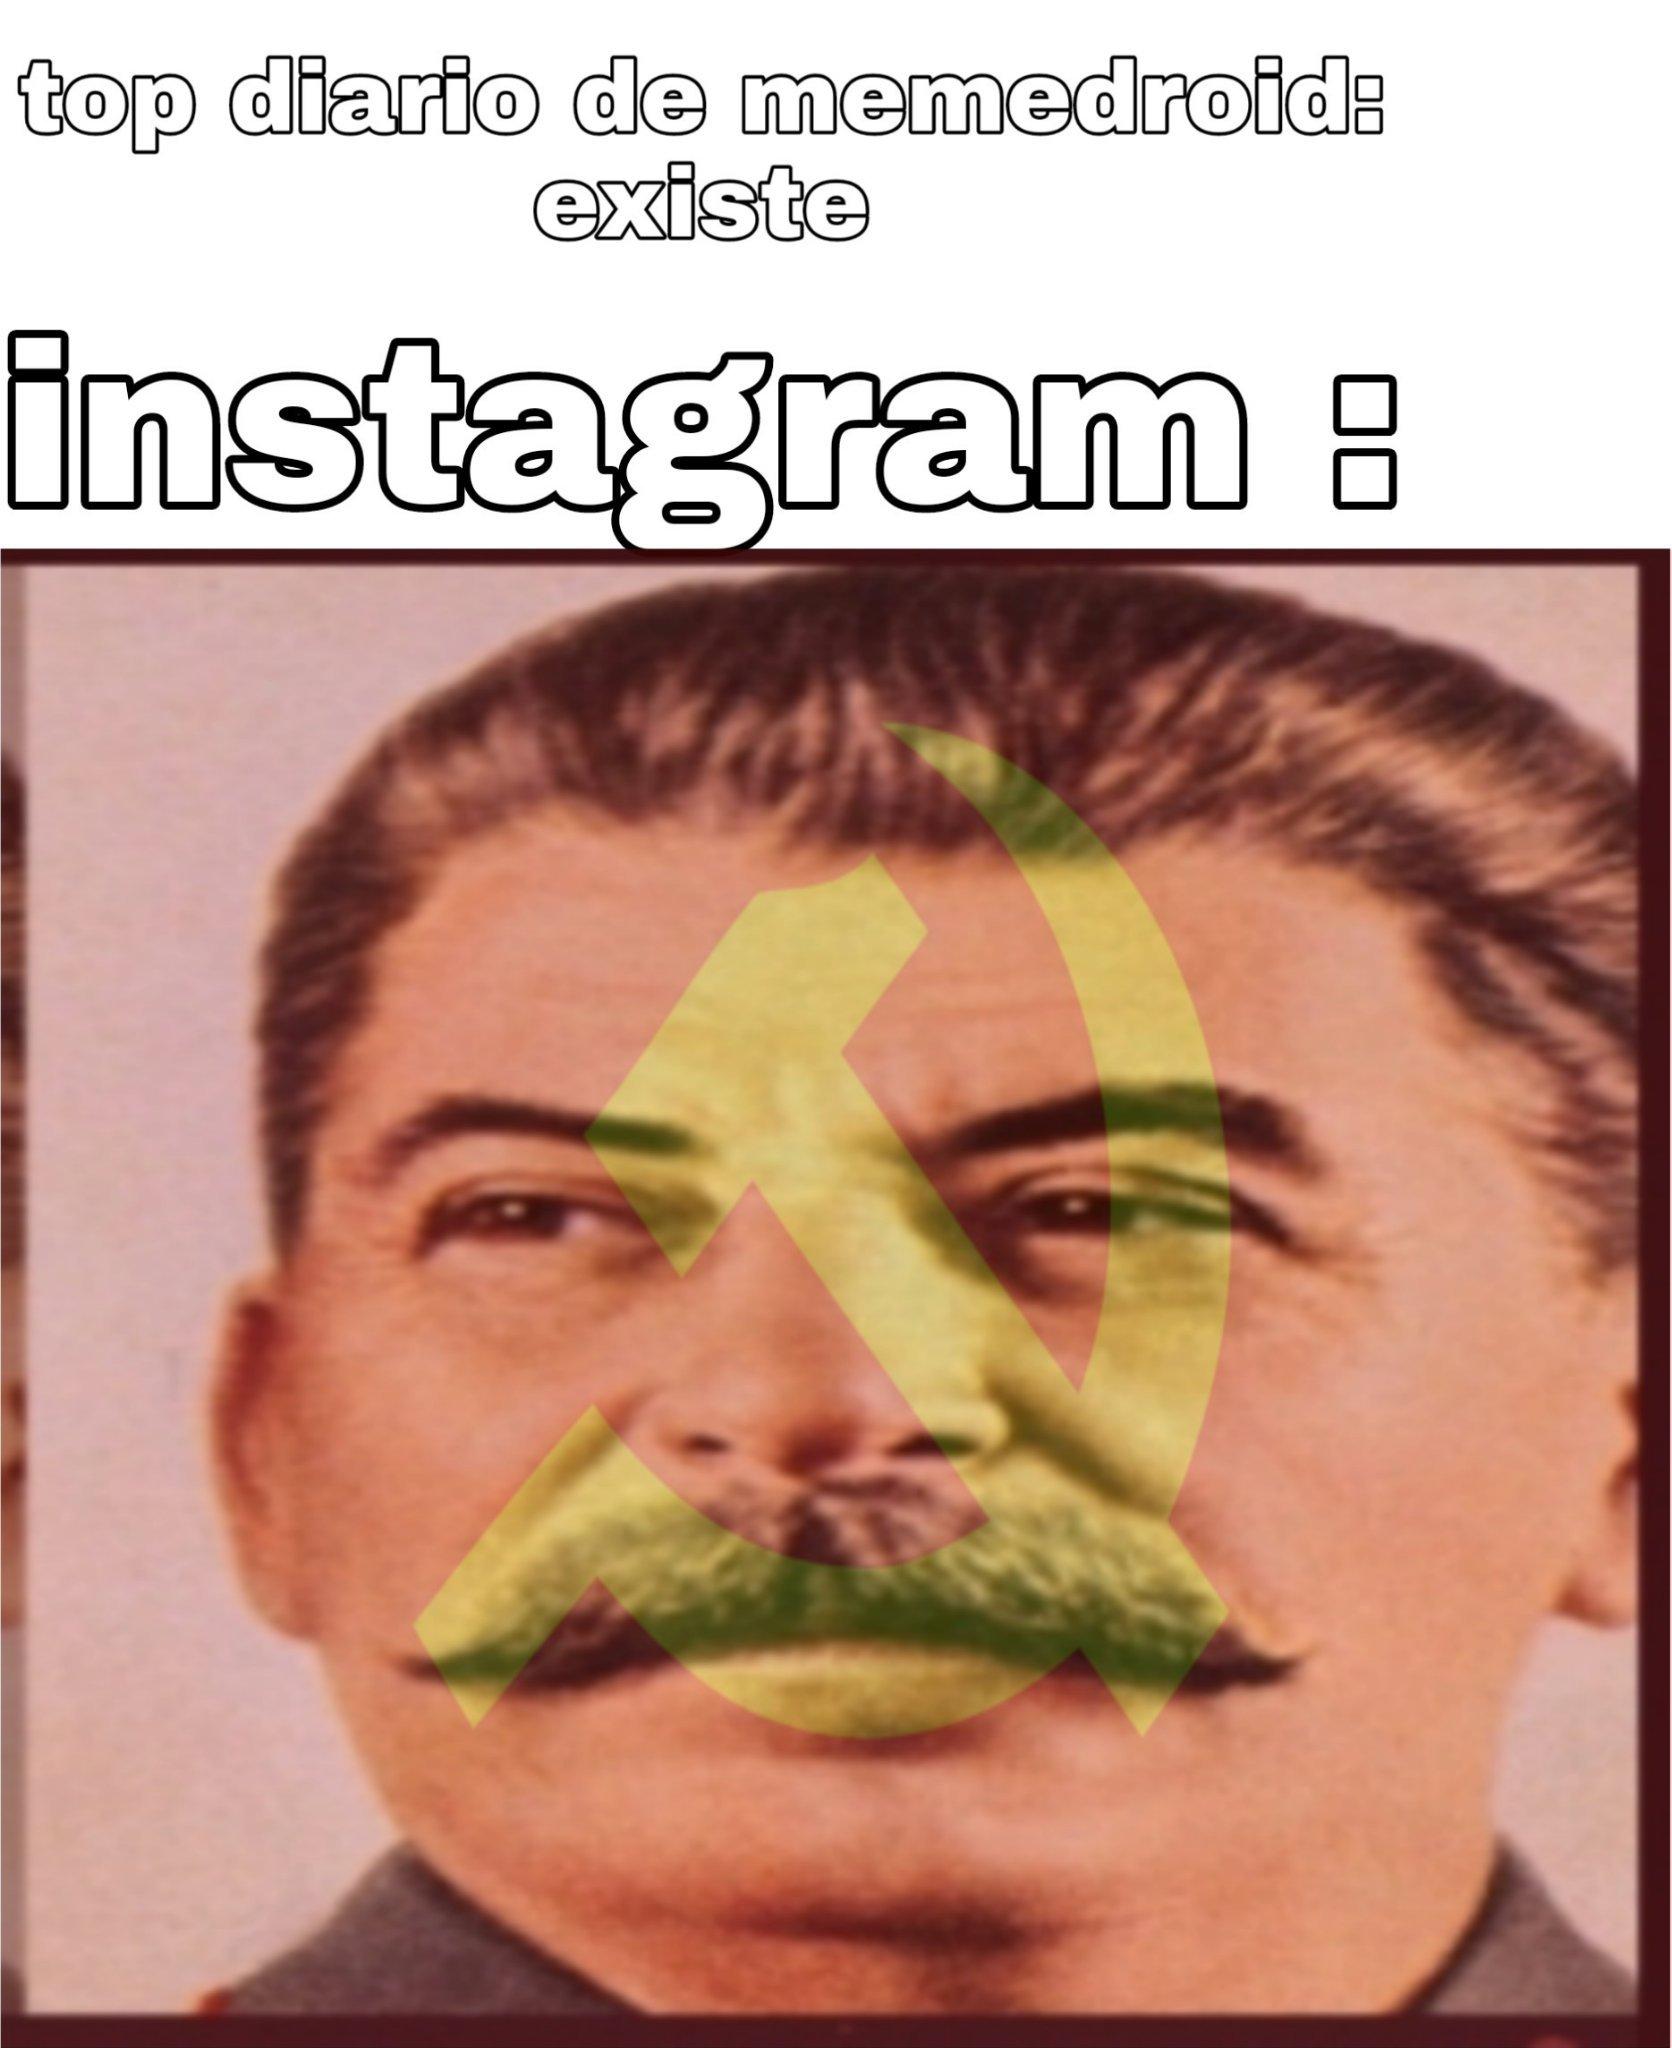 Se que estas ahi repostero de instagram hijo de puta,ahora ten huevos de repostear esto - meme